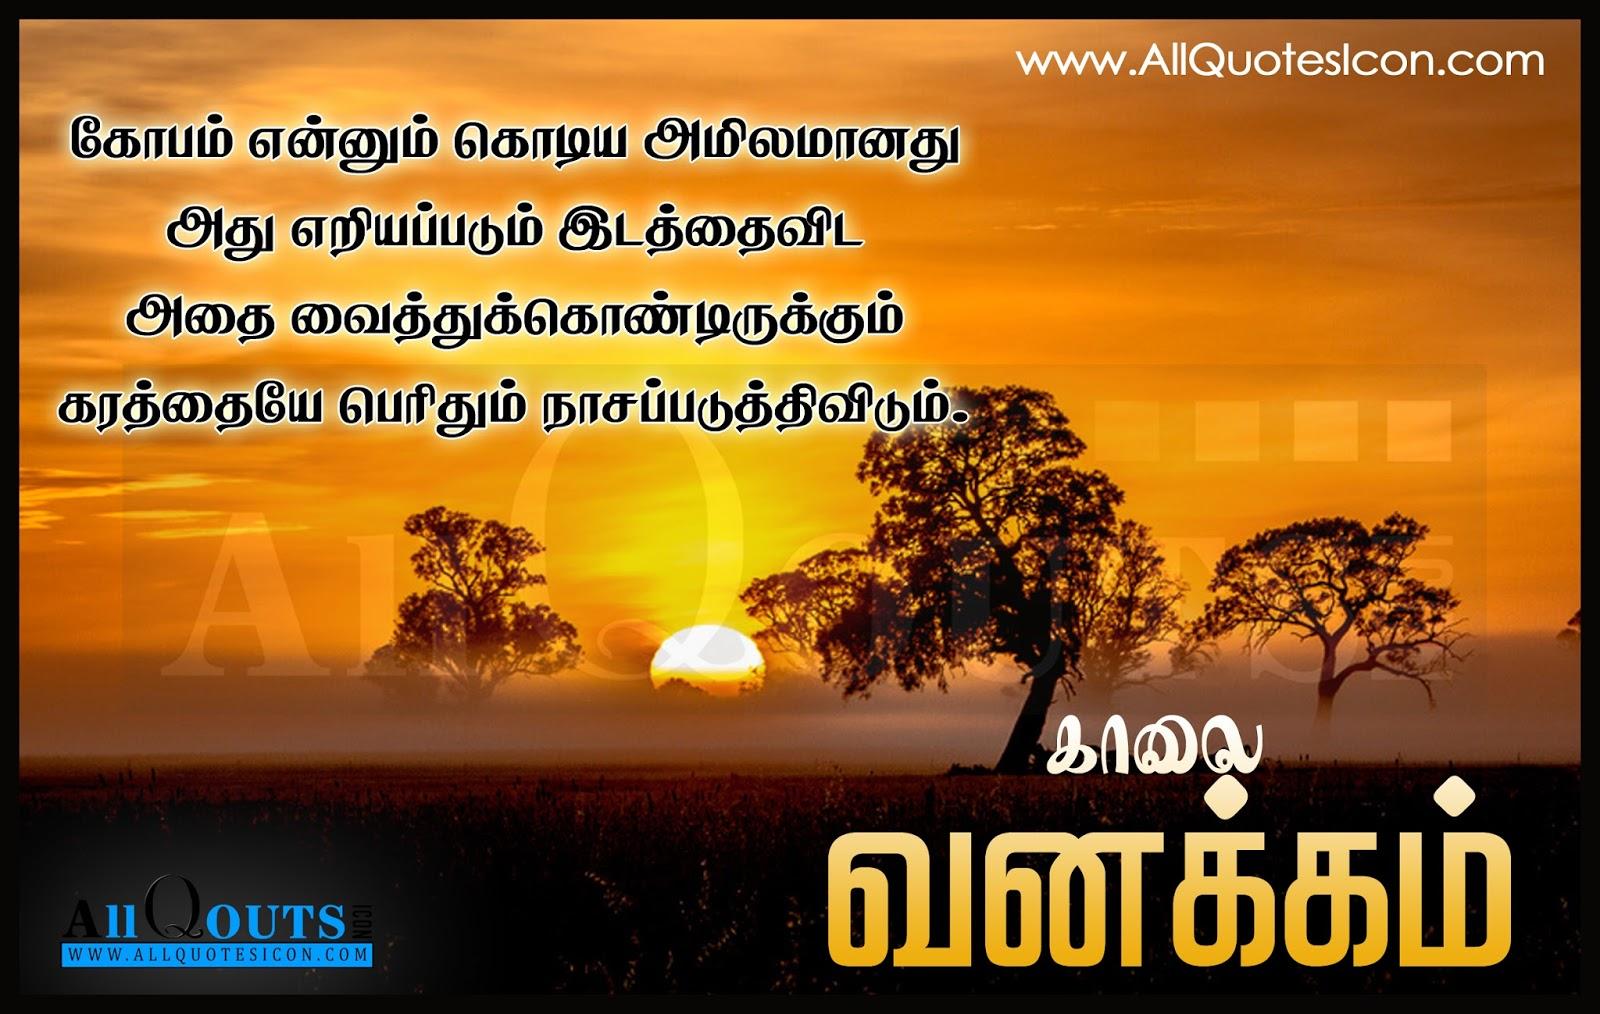 good morning image free tamil impremedianet